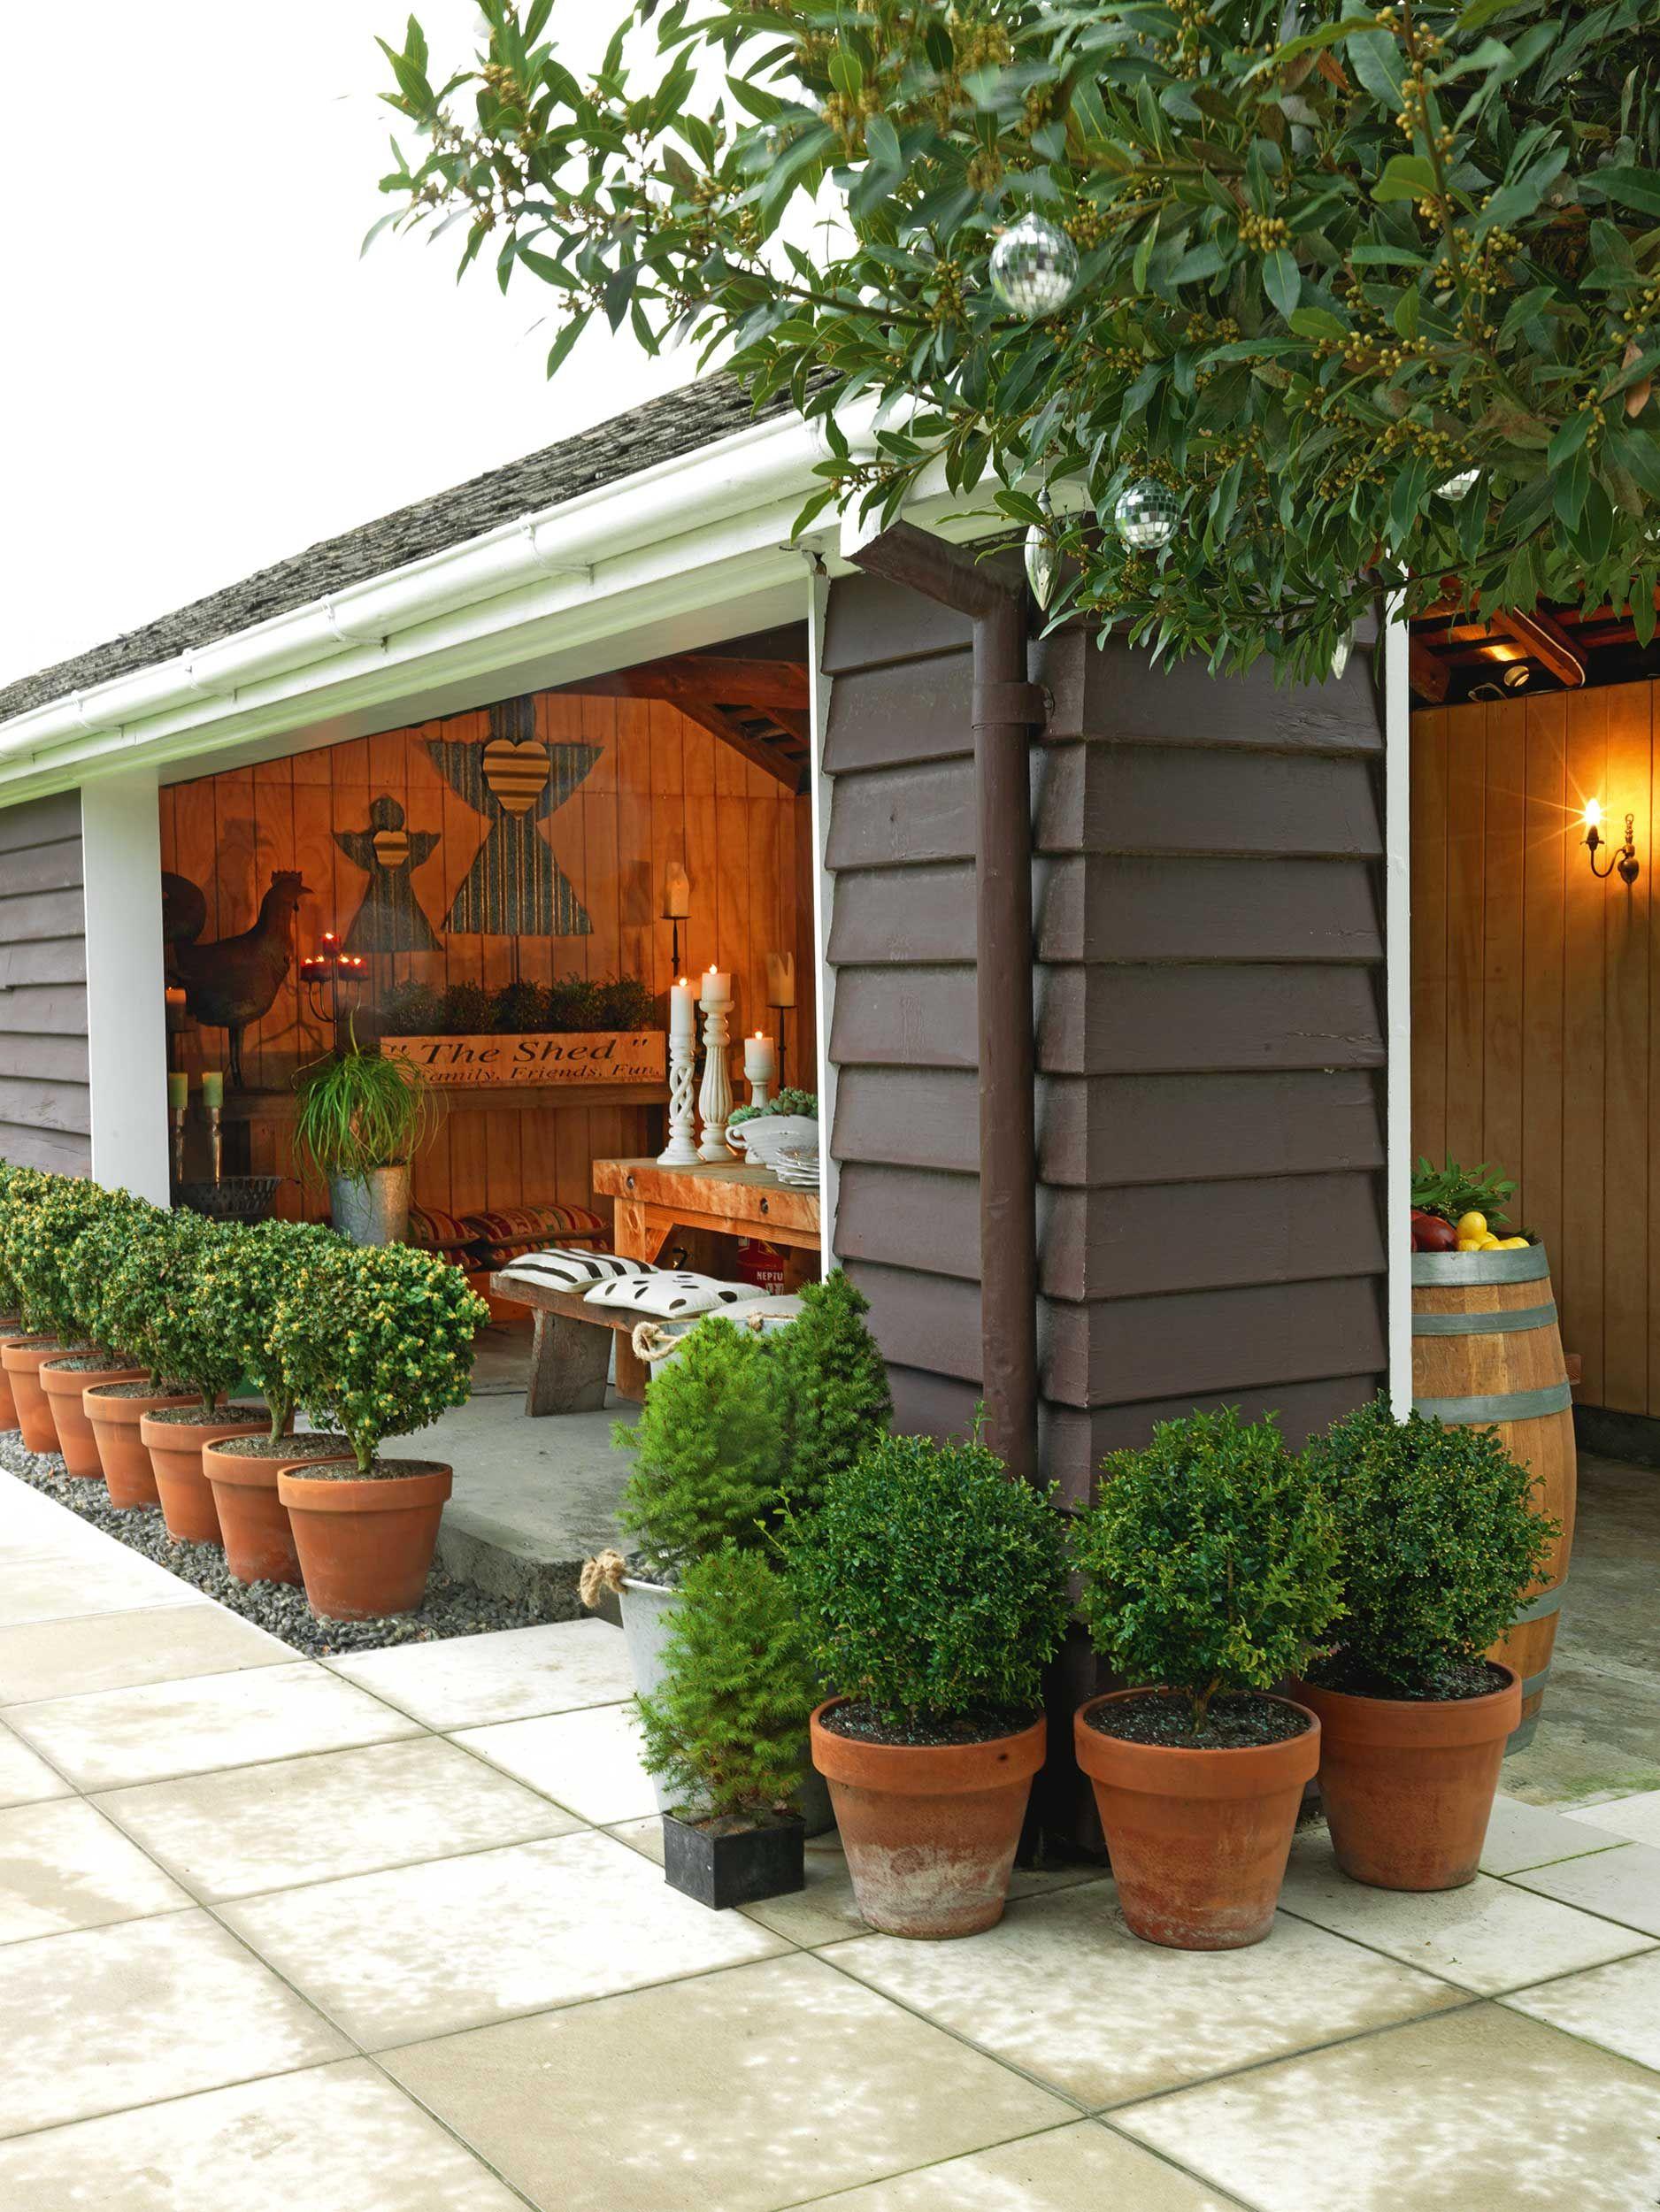 Minimalist Garage Converted Into A Kitchen Ideas: Old Garage Converted Into Indoor Outdoor Room